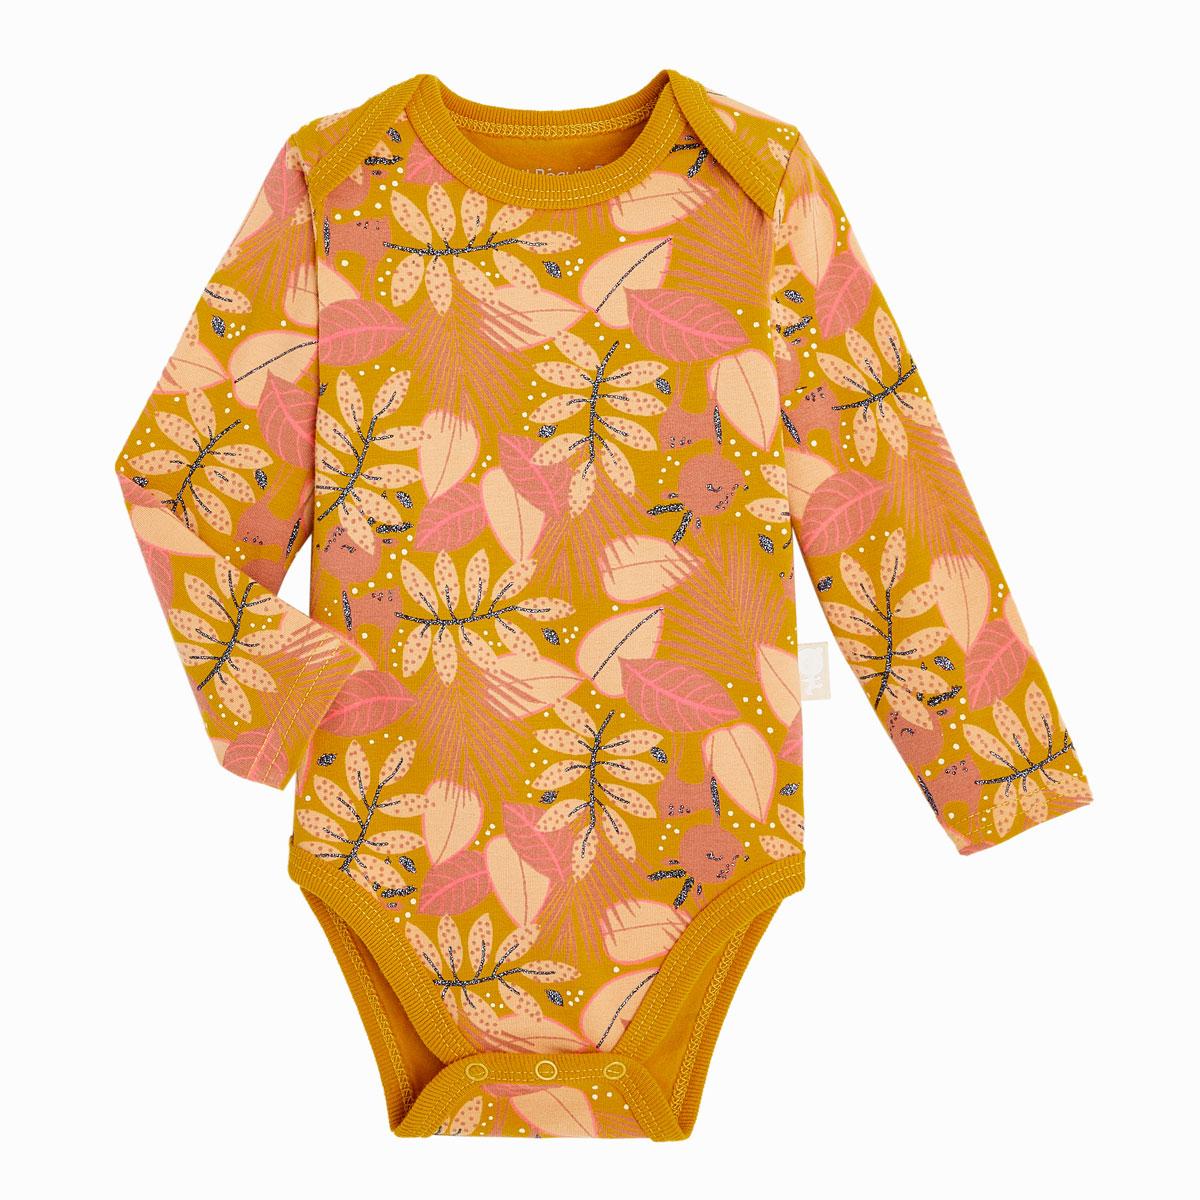 Lot de 2 bodies bébé fille manches longues contenant du coton bio Papaye 2